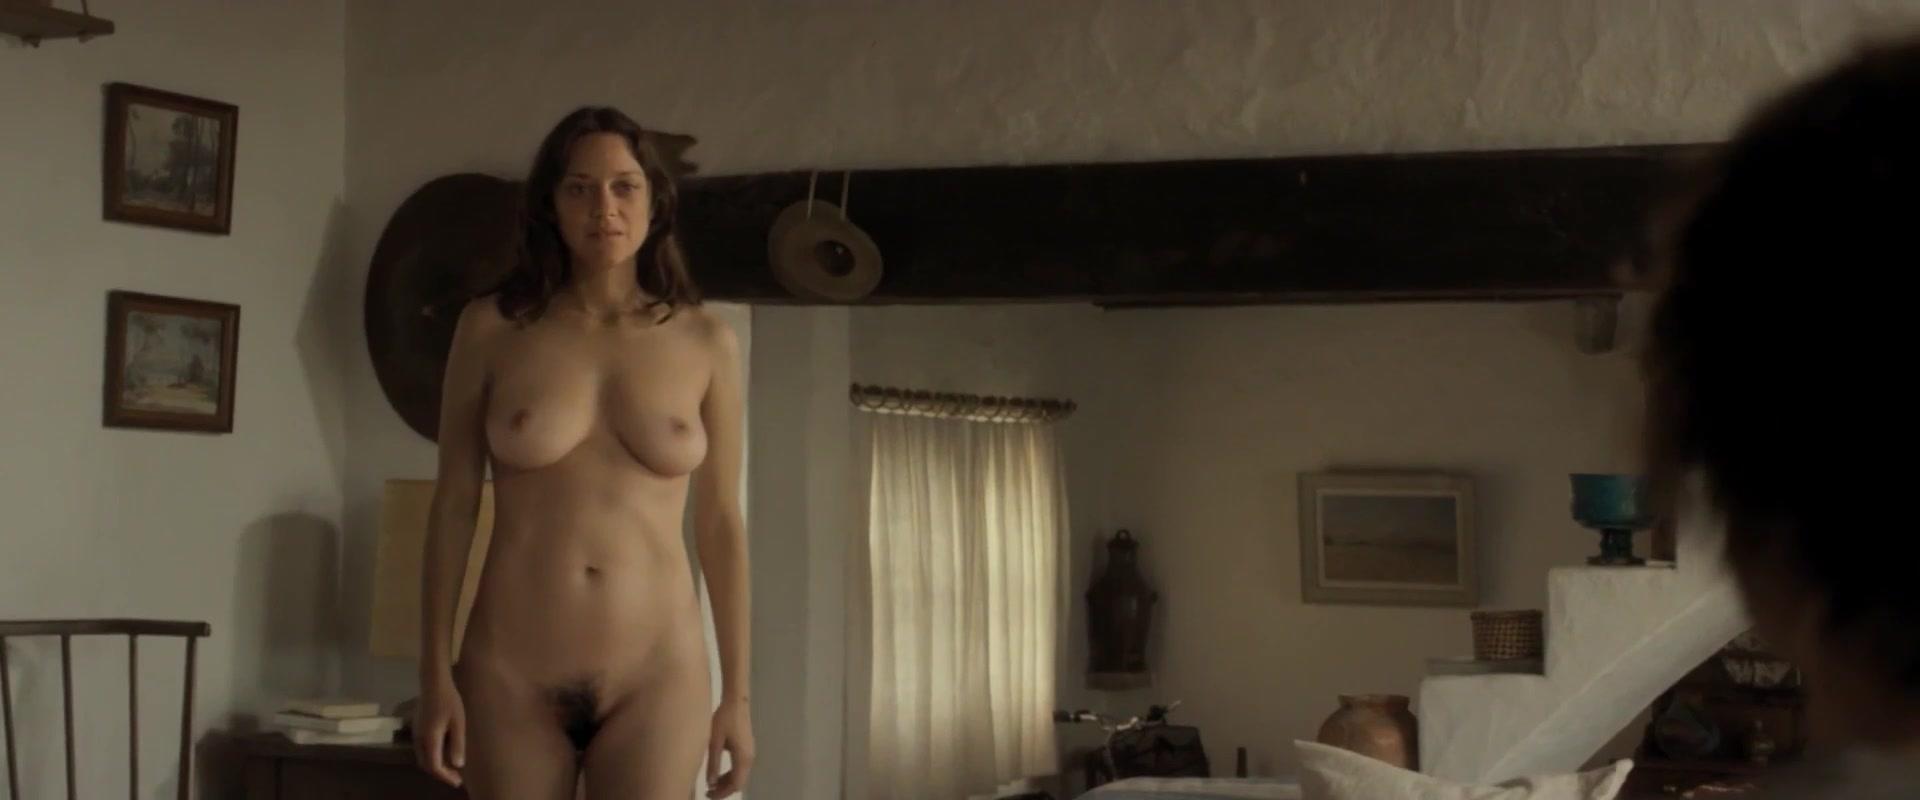 jennifer nettles nude